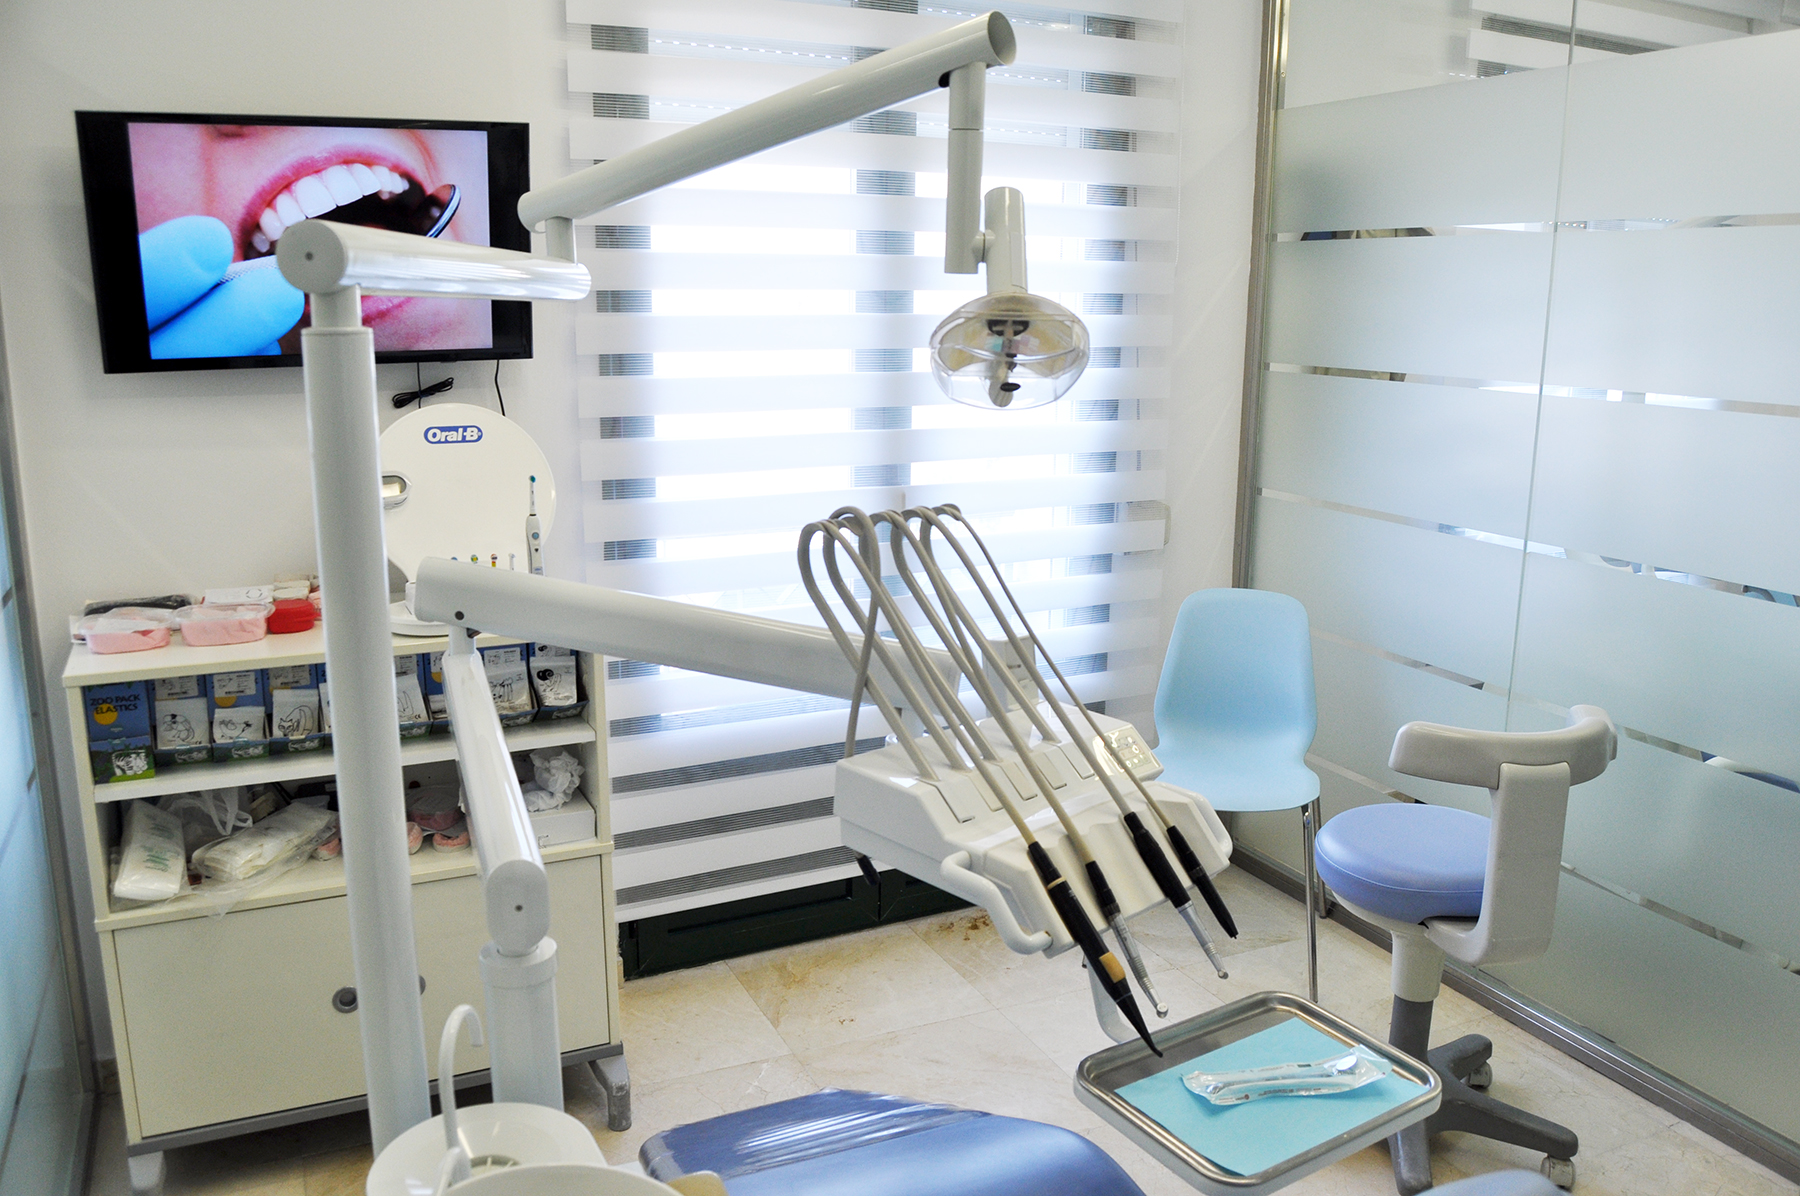 Instalaciones Clínica Dental Cecilia Jiménez Bormujos Sevilla